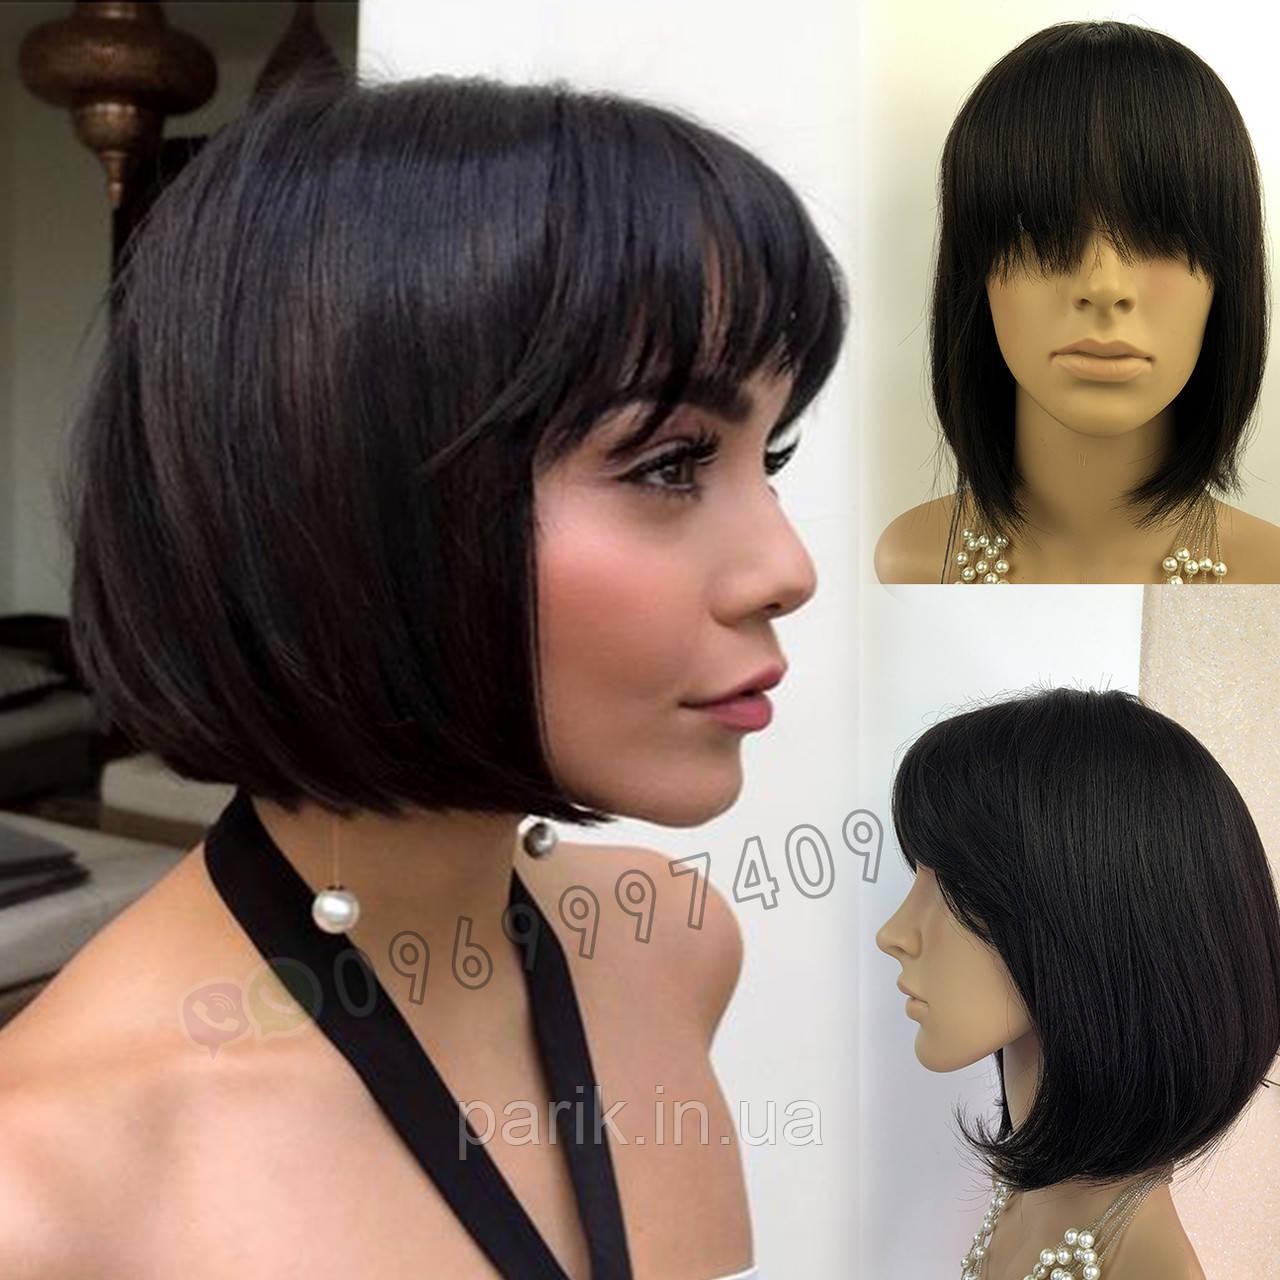 💎 Натуральный парик каре с чёлкой, без имитации 💎